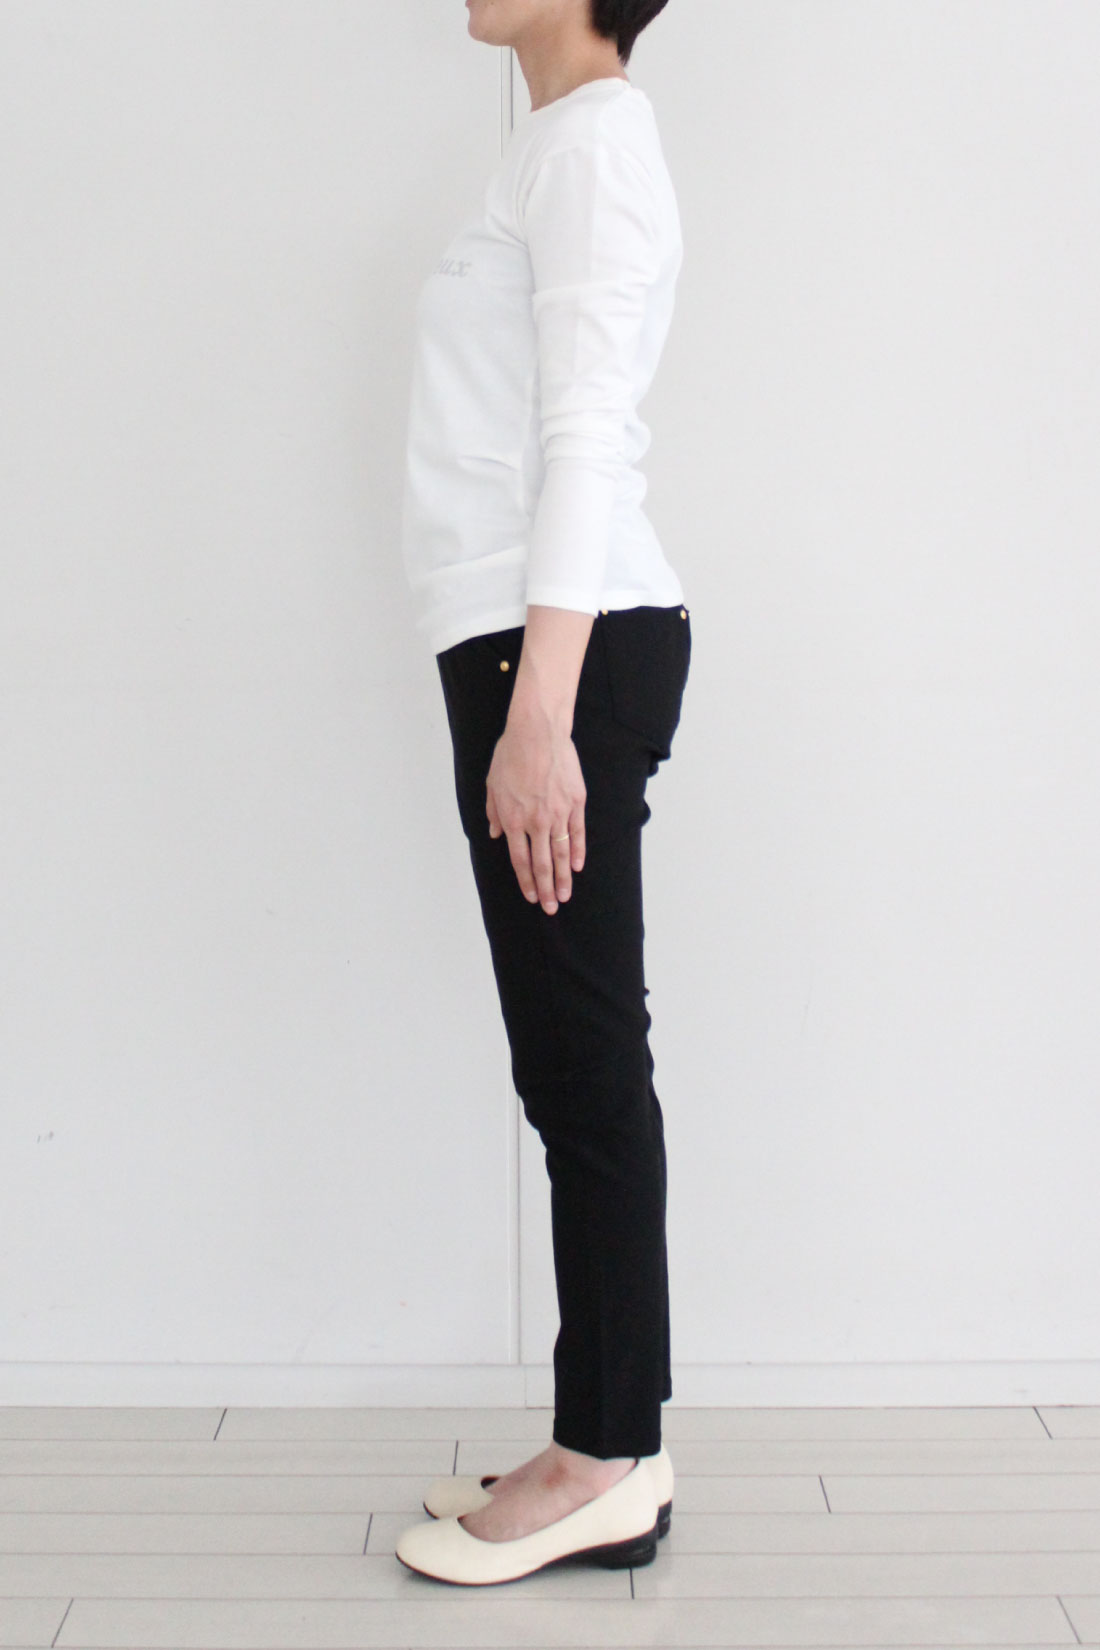 ※着用イメージです。お届けするカラーとは異なります。モデル身長:160cm Mサイズ着用